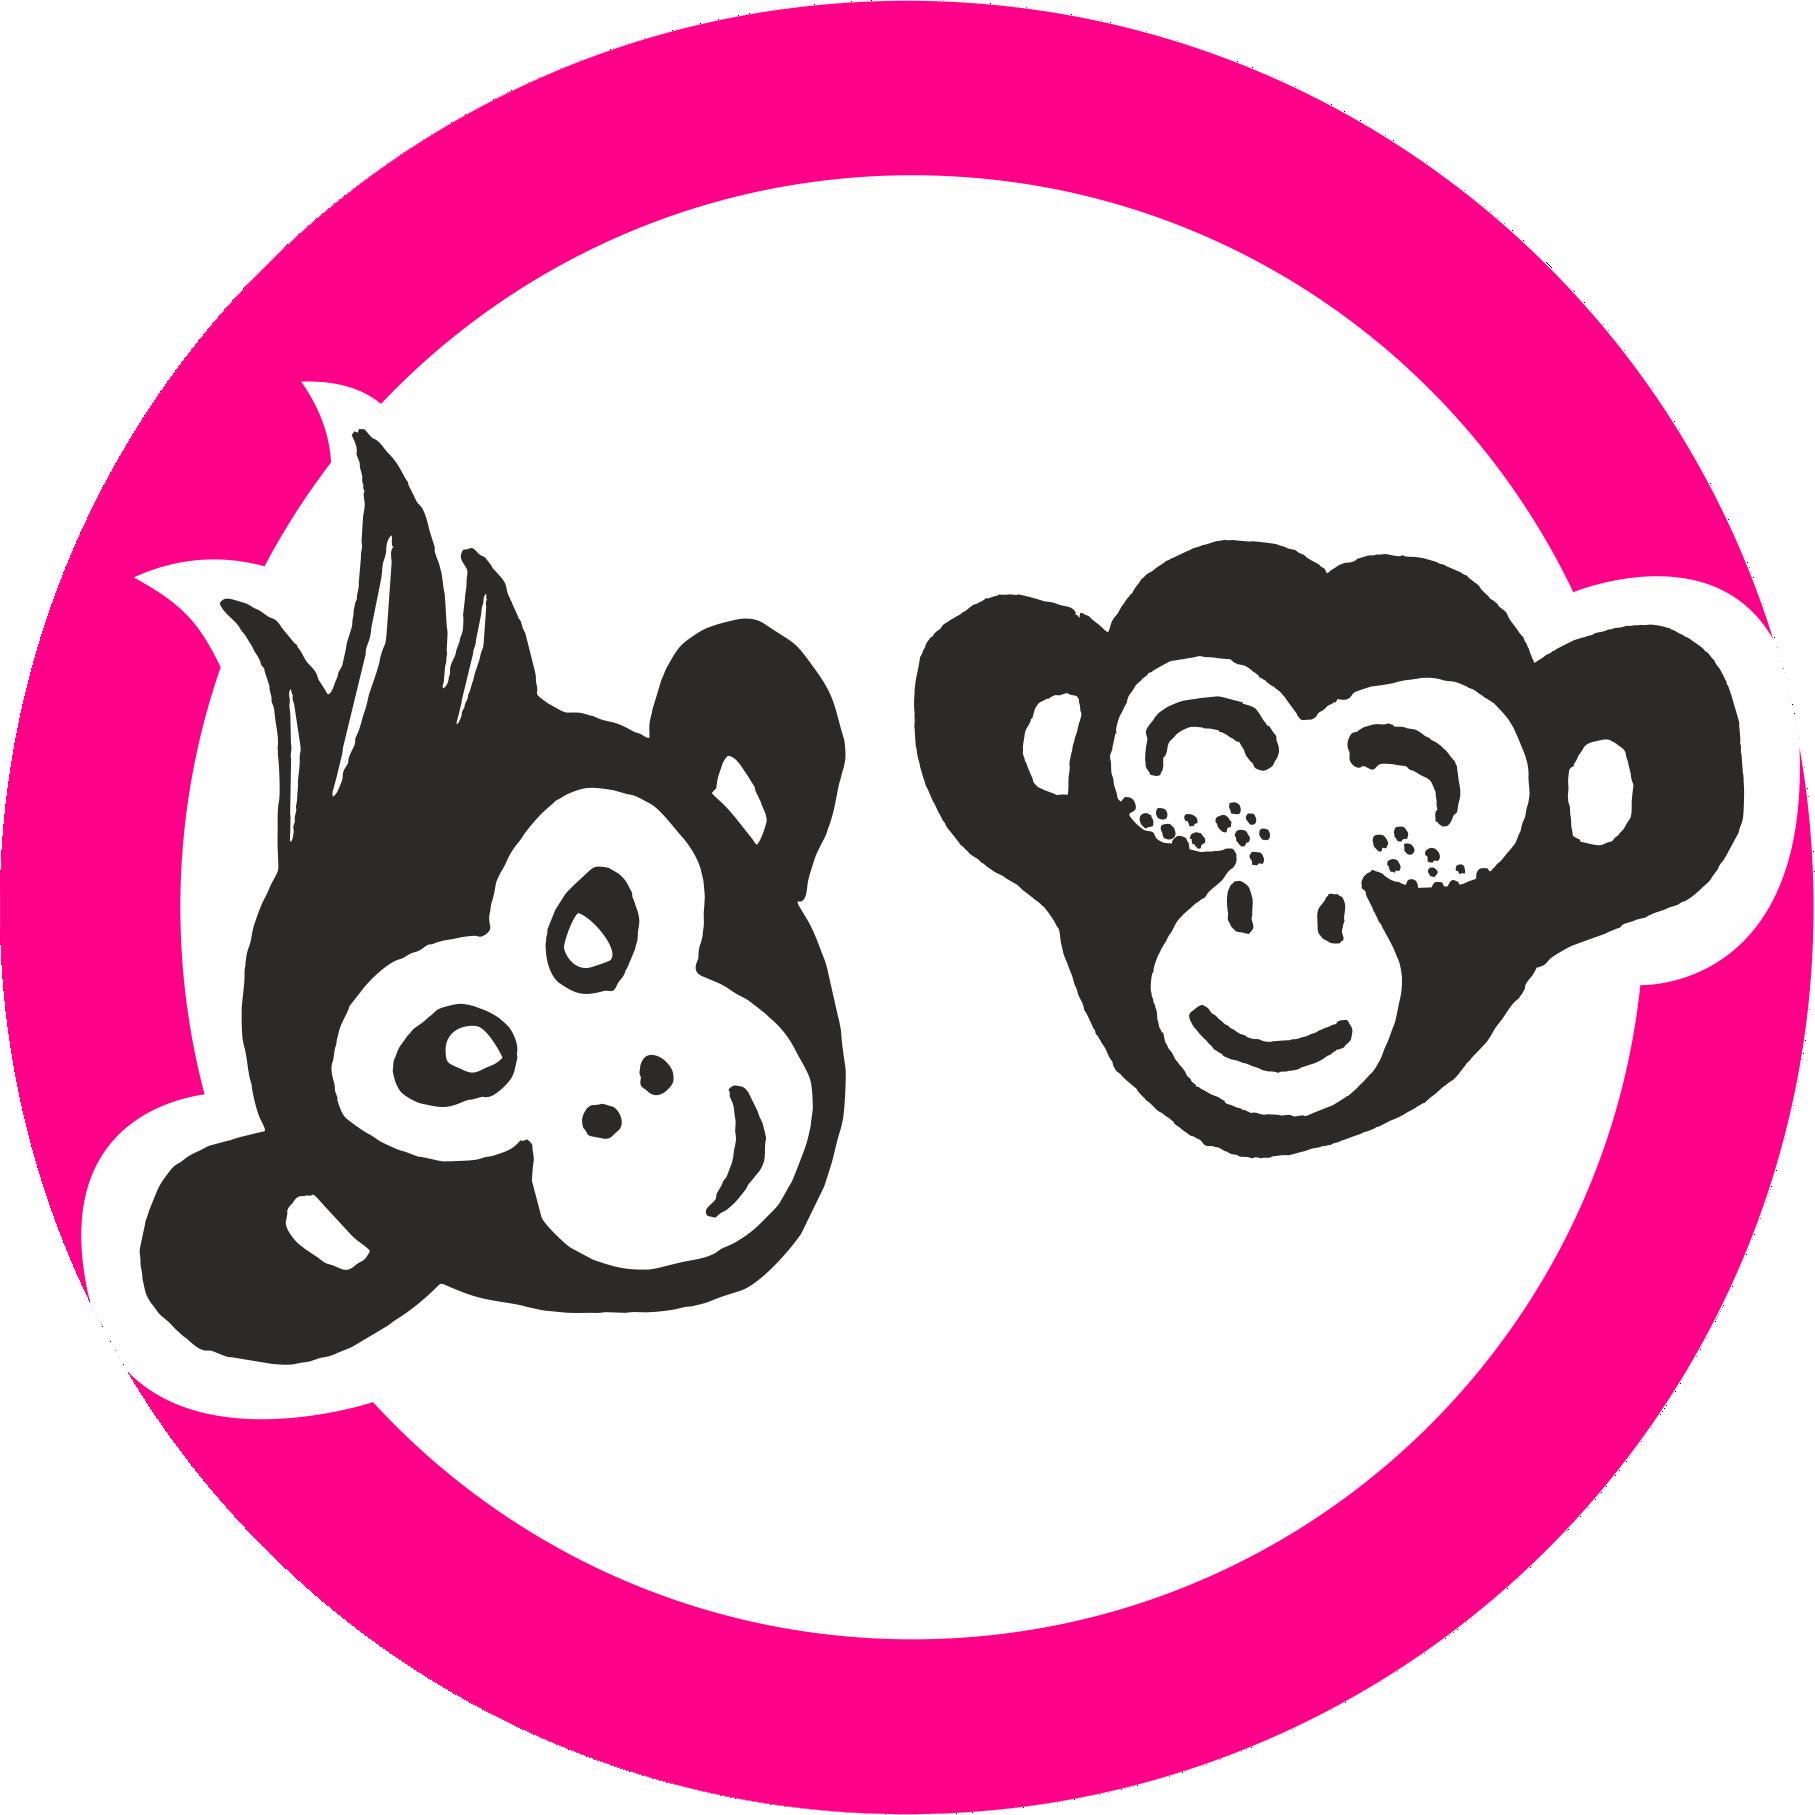 Logo-PinkMonkeys-circulo-3-tintas